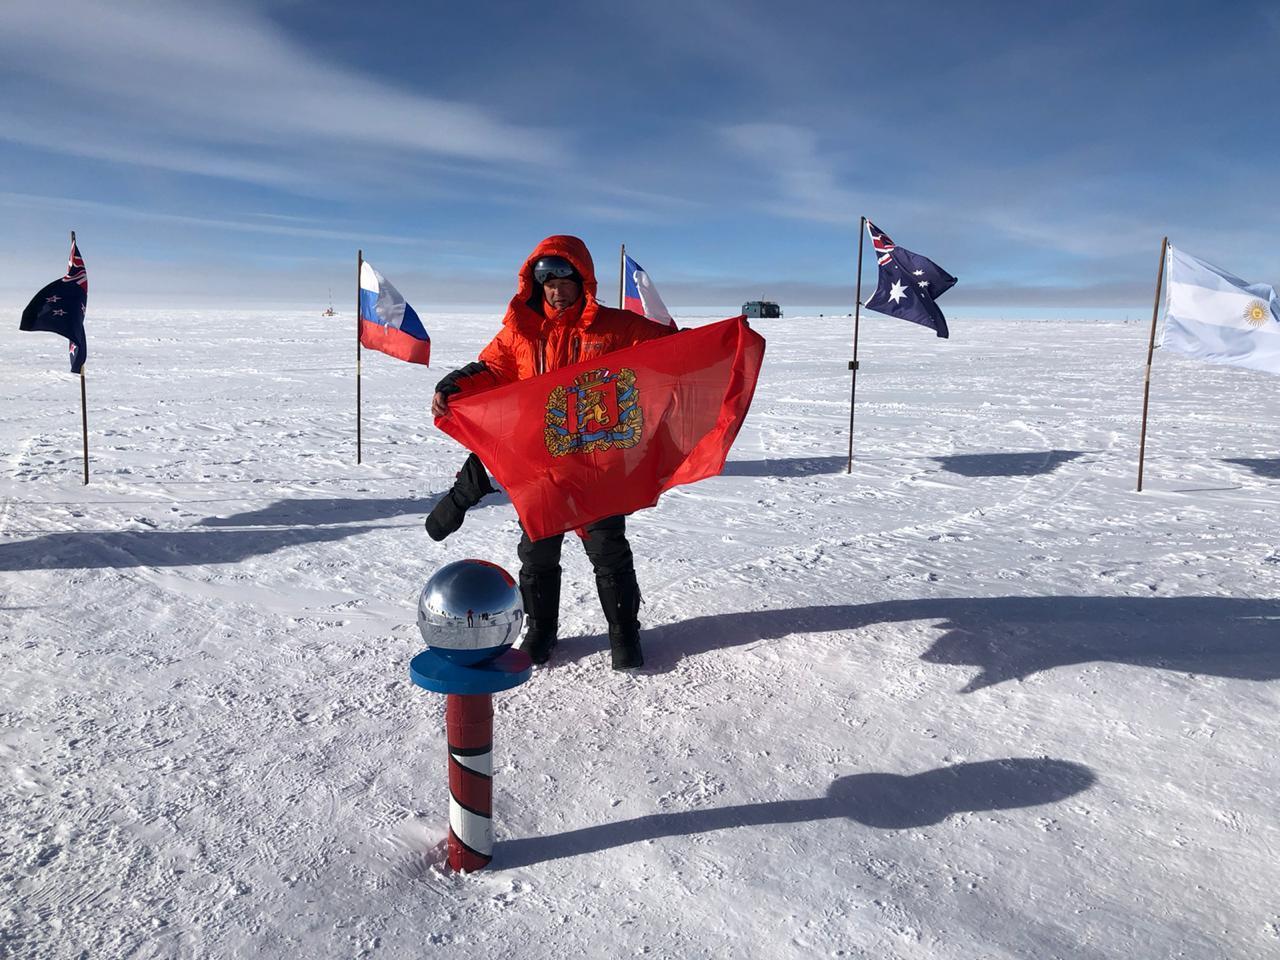 Центр северного полюса фото